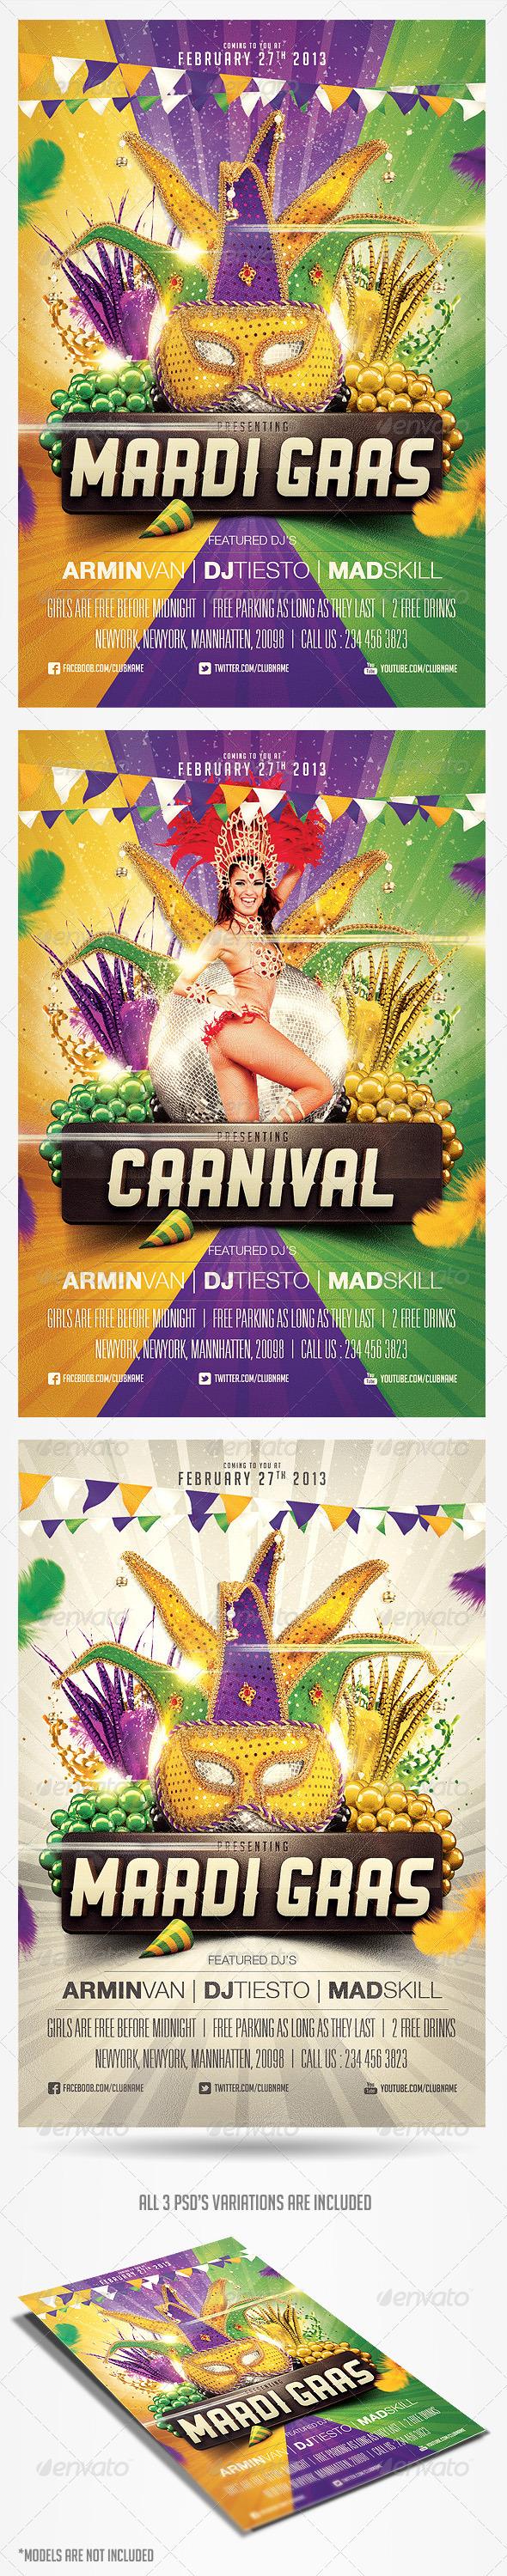 GraphicRiver Mardi Gras Carnival Flyer Template 3823997